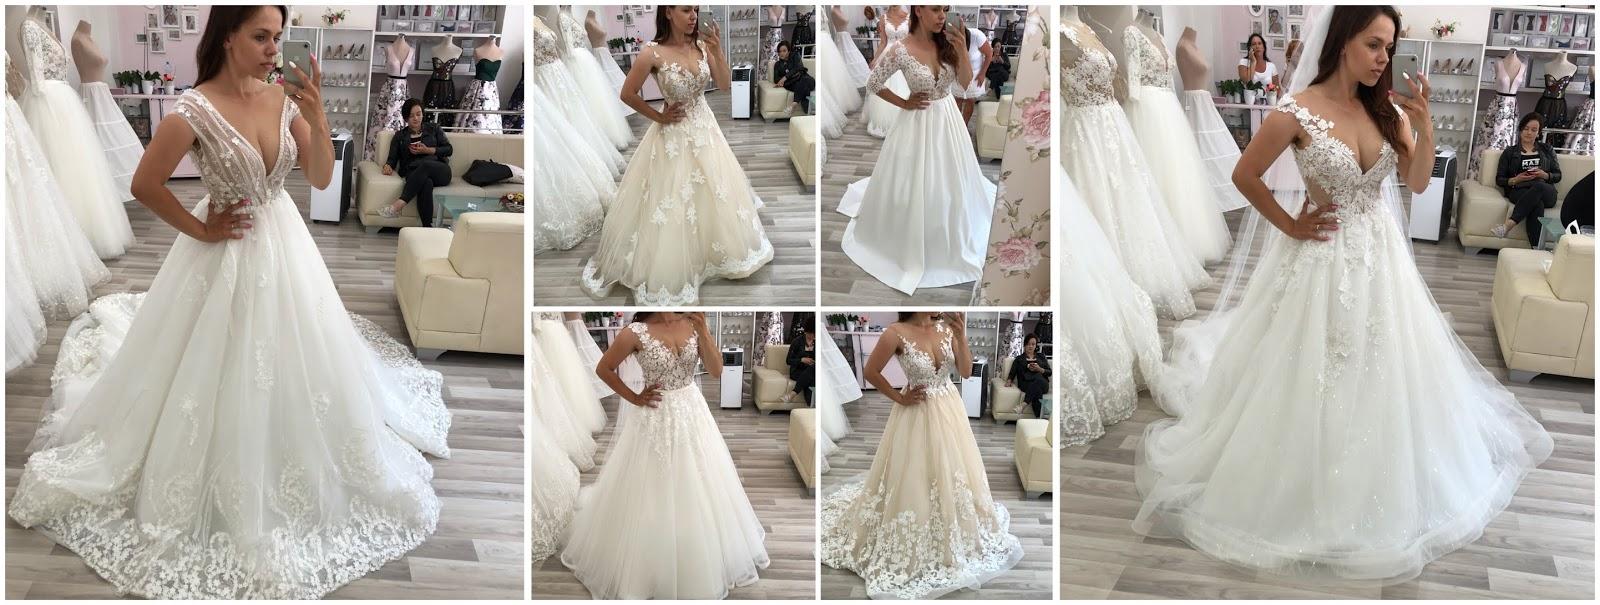 SVATEBNÍ SALON BELLA BRNO│Můj výběr svatebních šatů - Angelina ... 01dd4fbe077